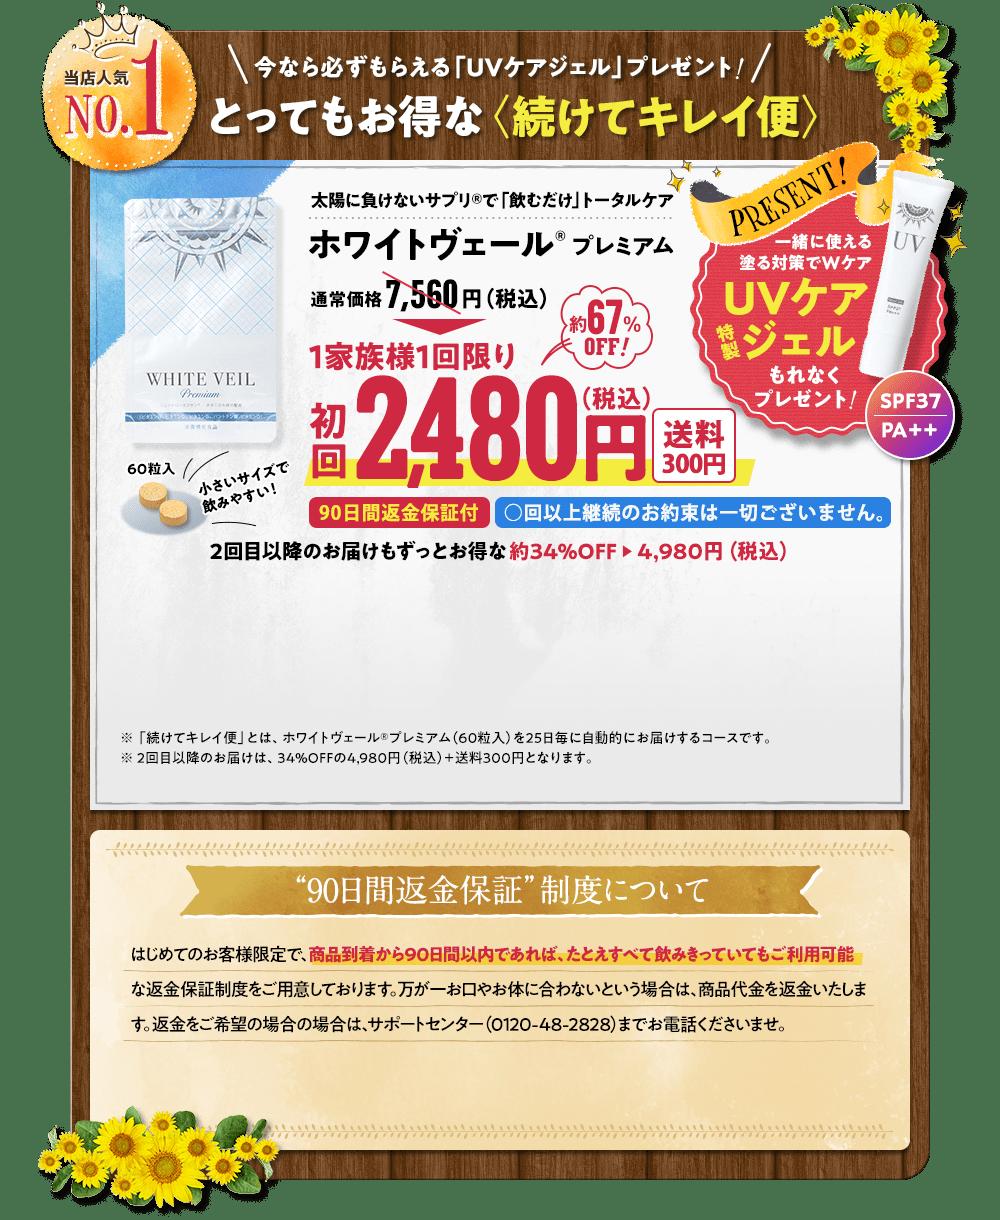 「ホワイトヴェールプレミアム」とってもお得な〈続けてキレイ便〉初回300円(税込)送料無料、90日間返金保証付、2回目以降のお届けもずっとお得な約34%OFF→4,980円(税込)、一緒に使える塗る対策でWケア「UVケアジェル」もれなくプレゼント!